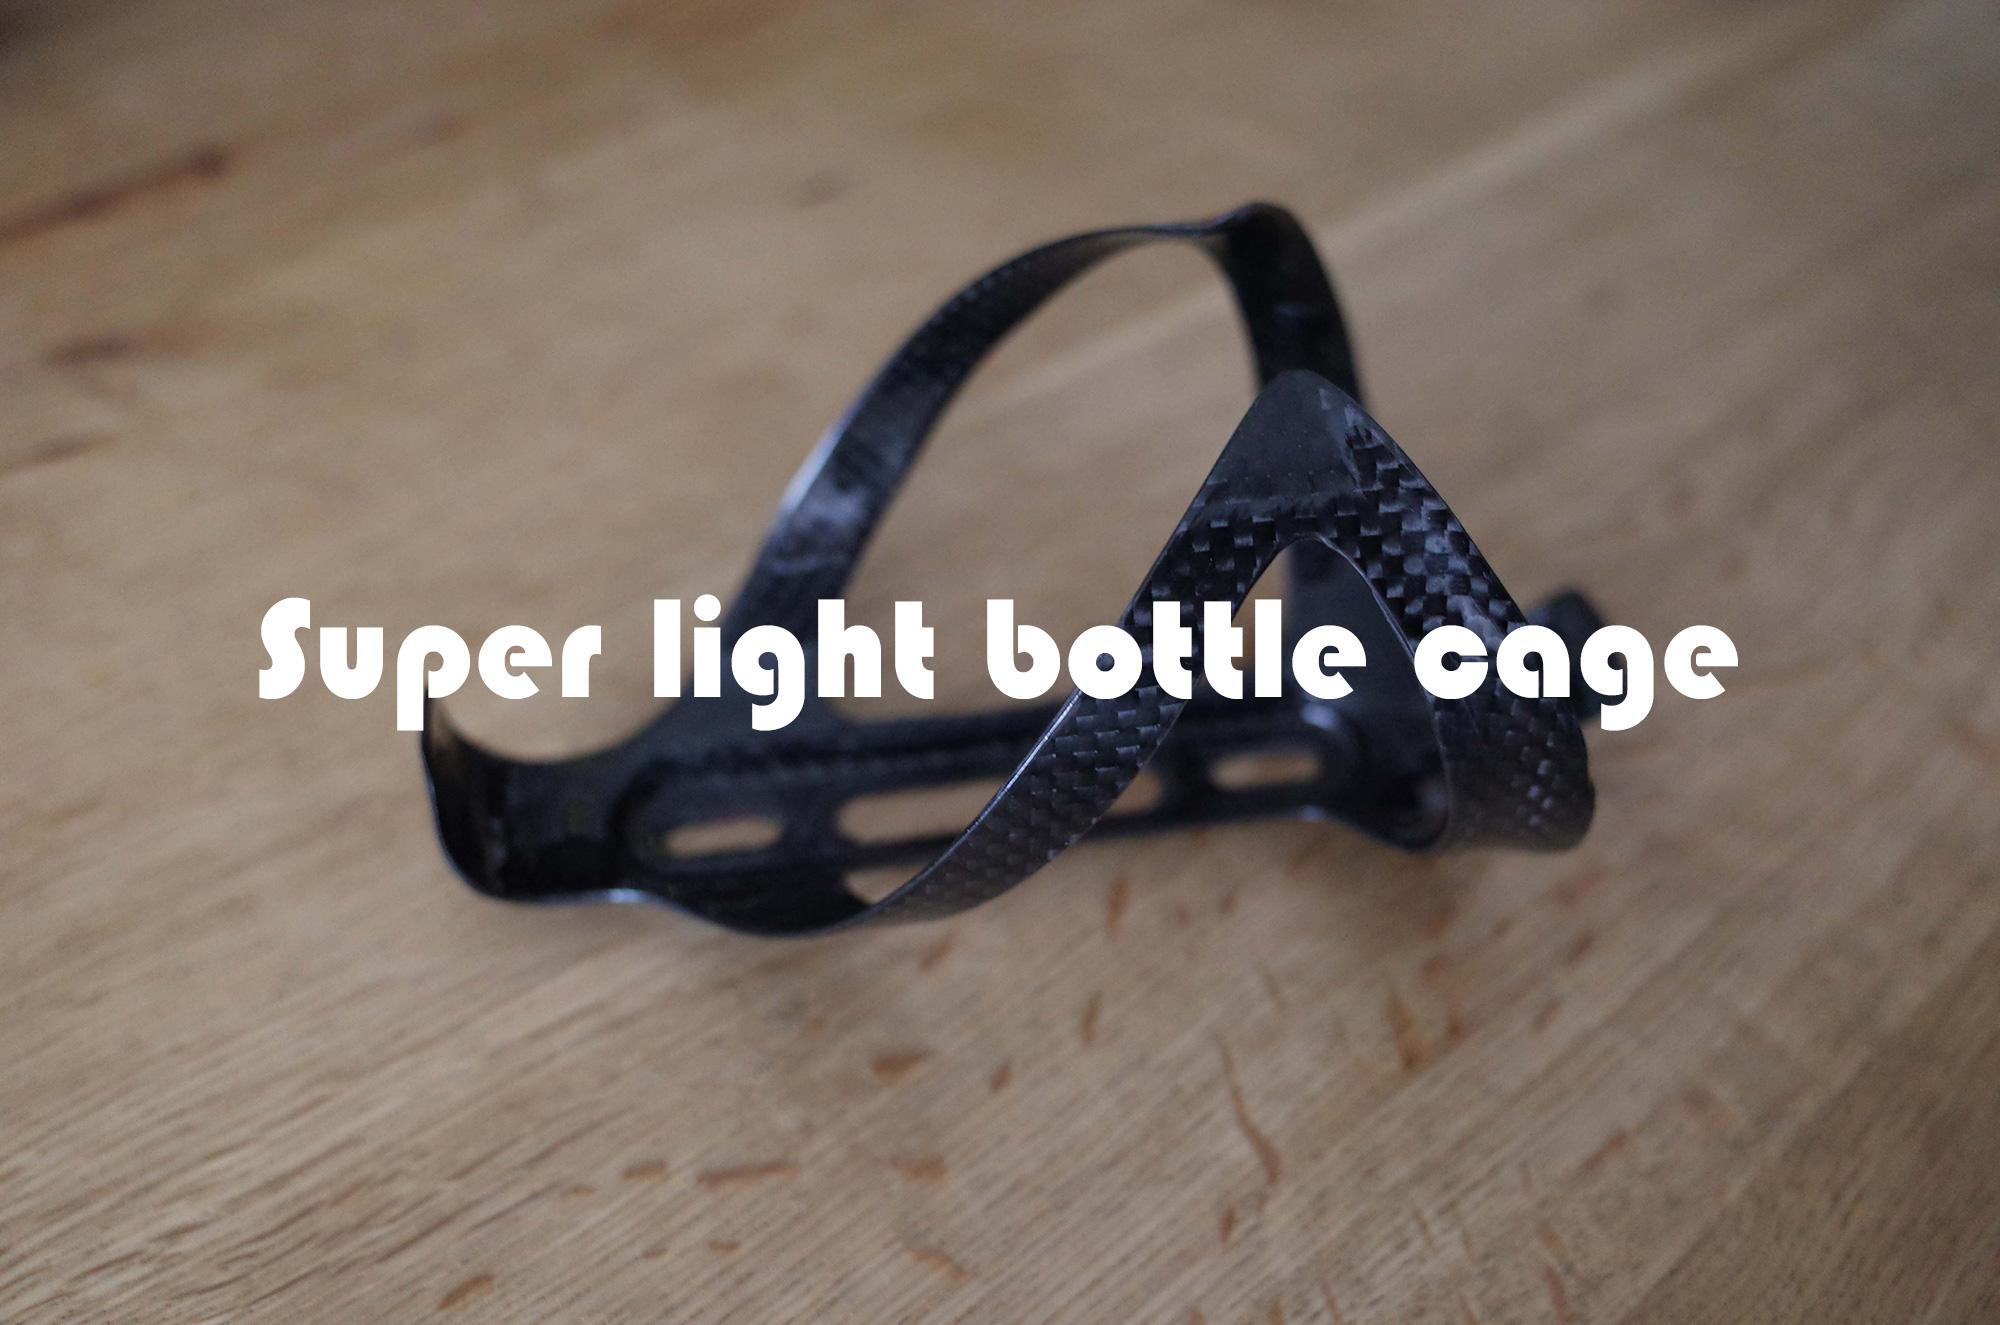 Super light bottle cage